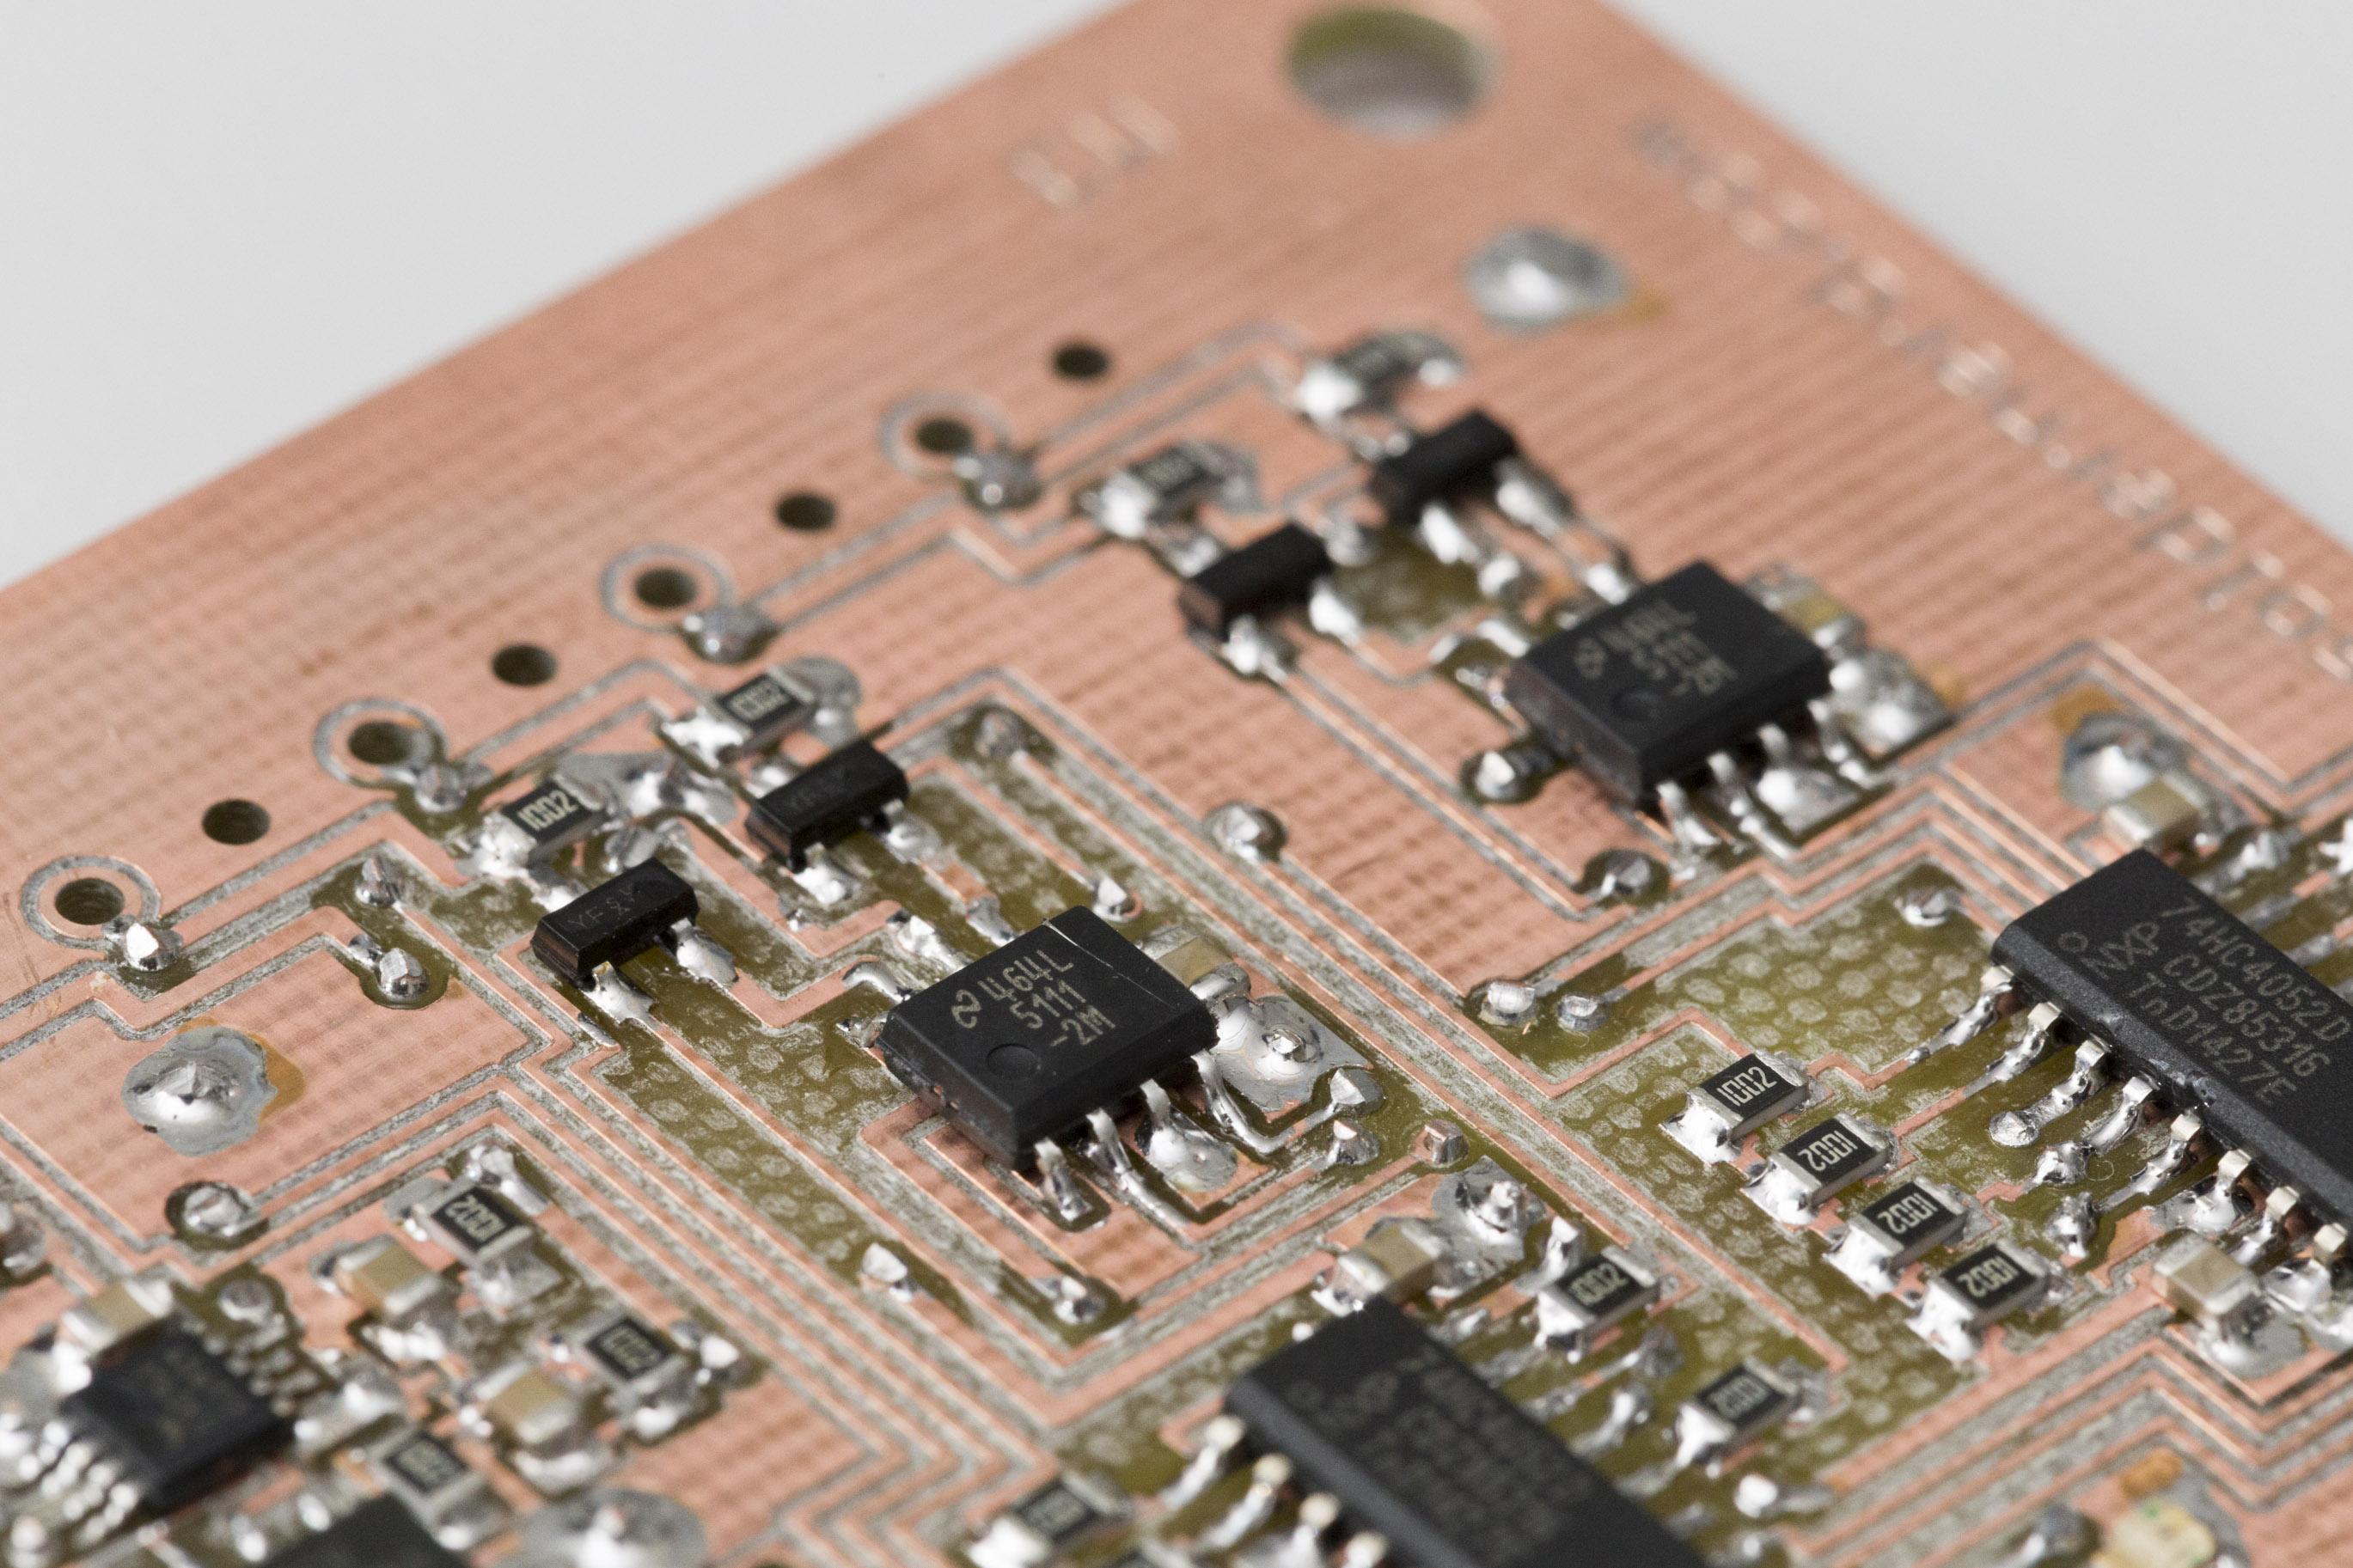 Zero Crossing Detector Soldernerd Envelope One Circuit A Week 20160428 Standaloneanemometer 025